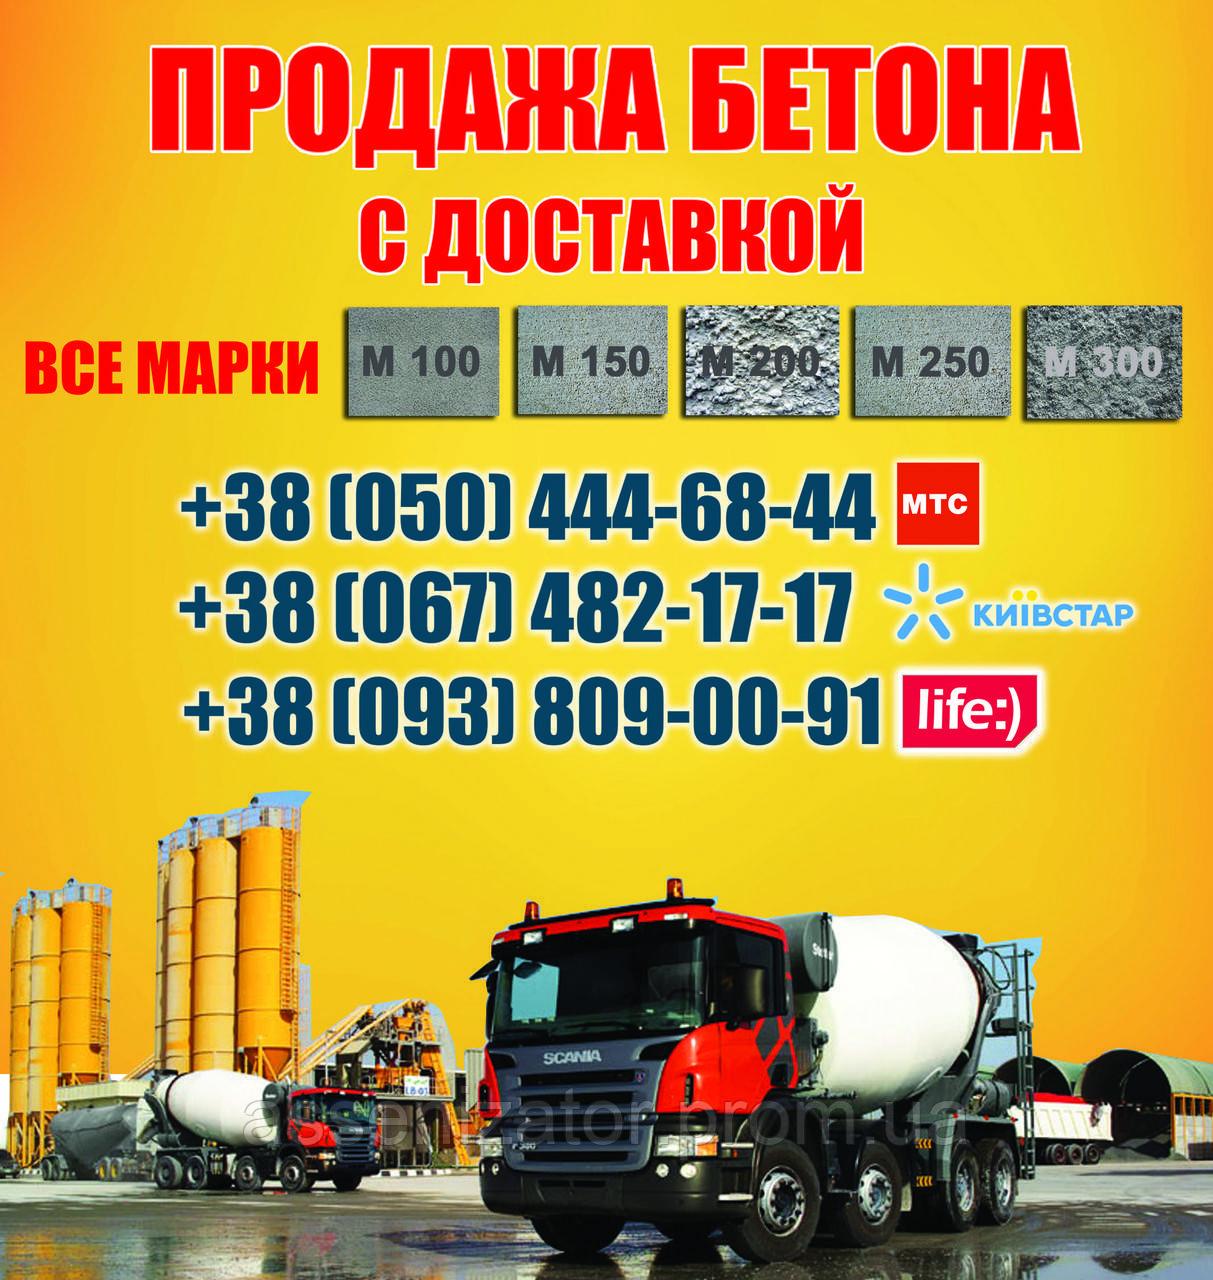 Бетон Марьинка. Купить бетон в Марьинке. Цена за куб по Марьинке. Купить с доставкой МАРЬИНКА